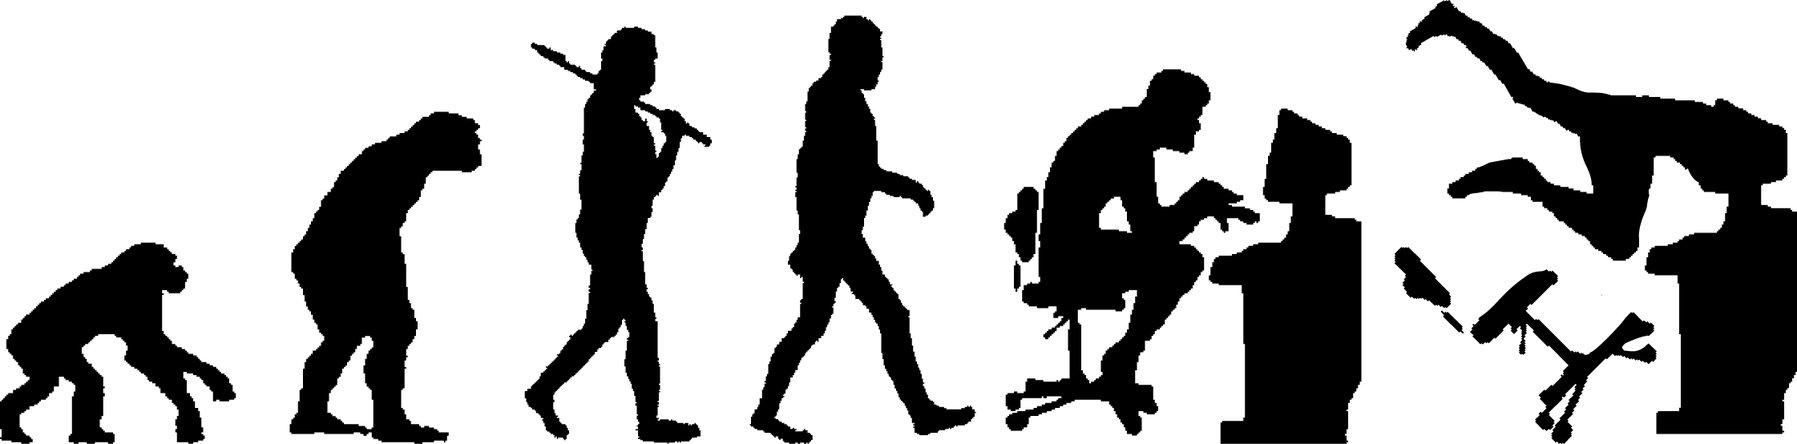 1797x444 Comics The Cultured Primate